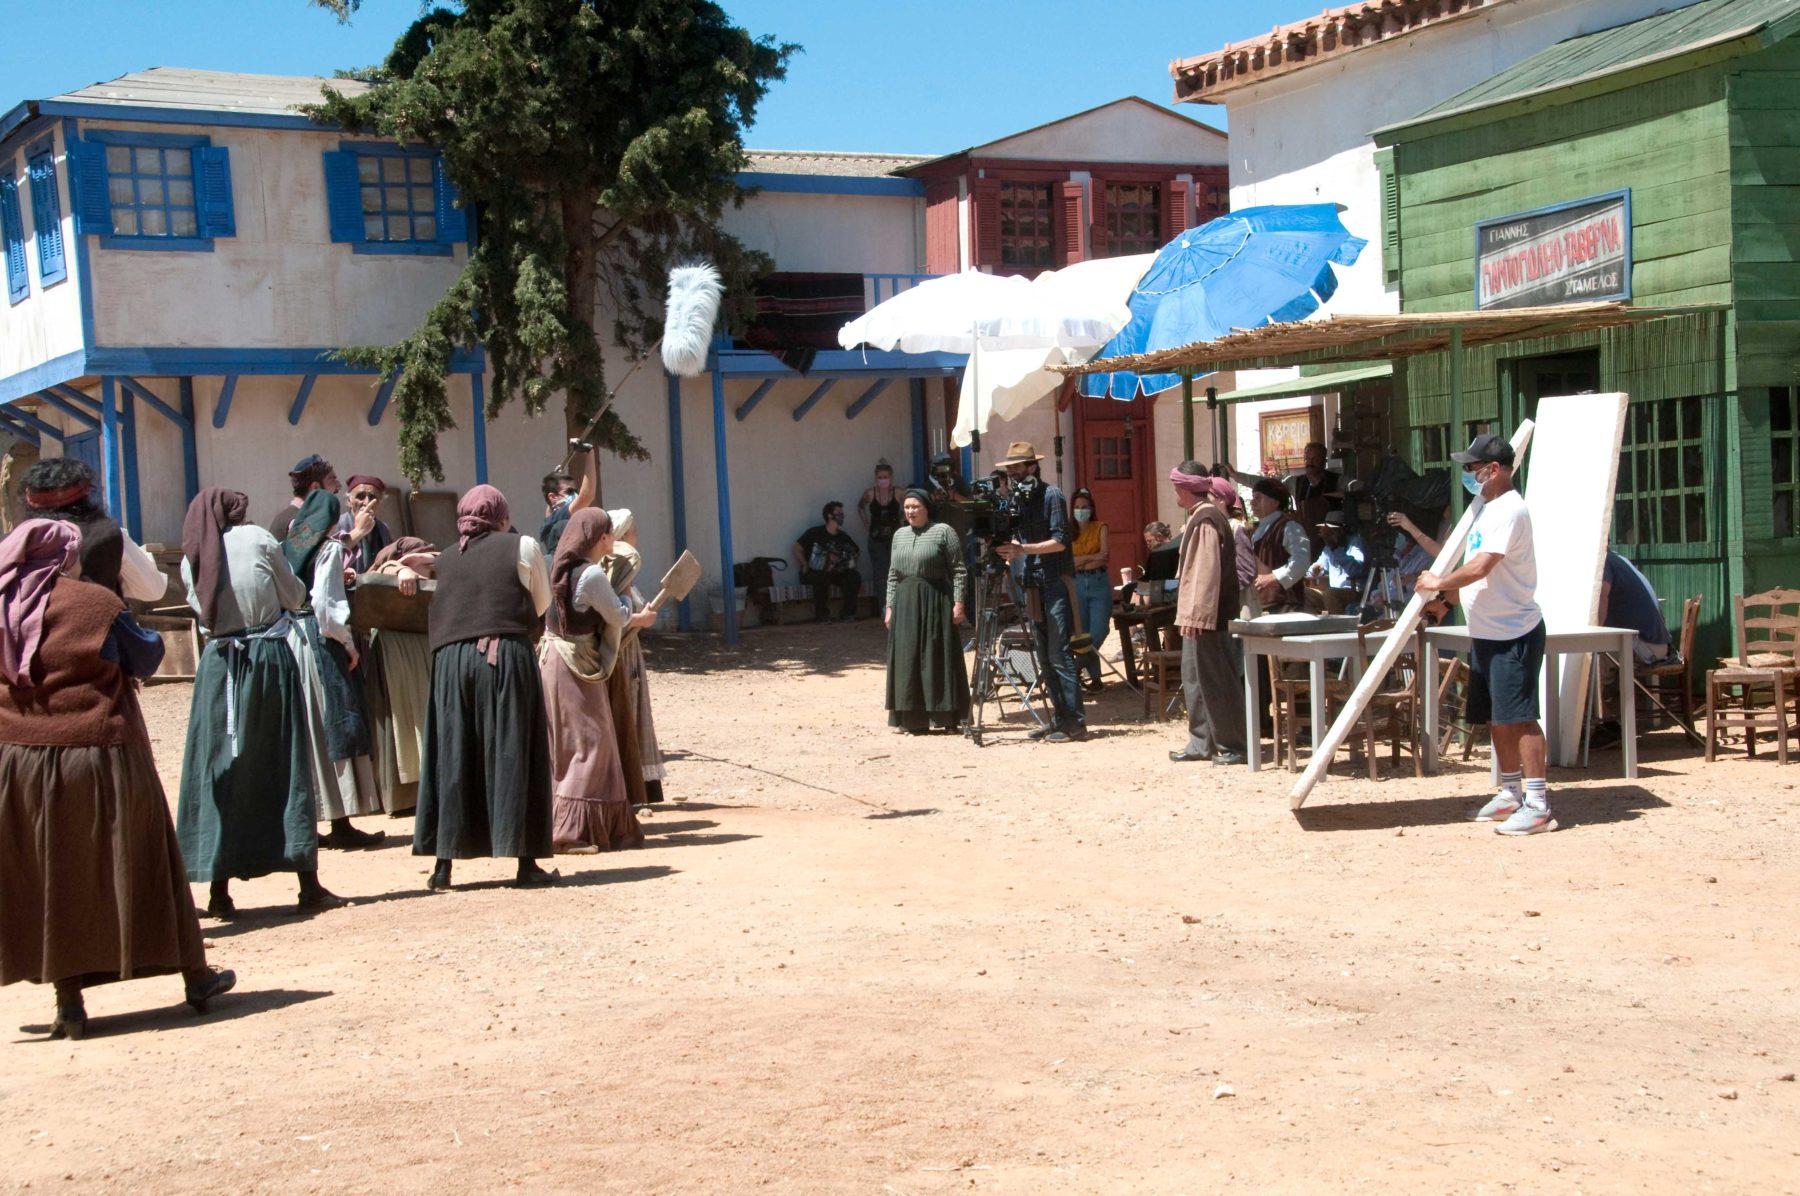 Στα γυρίσματα της νέας σειράς της ΕΡΤ, σε σκηνοθεσία Μανούσου Μανουσάκη